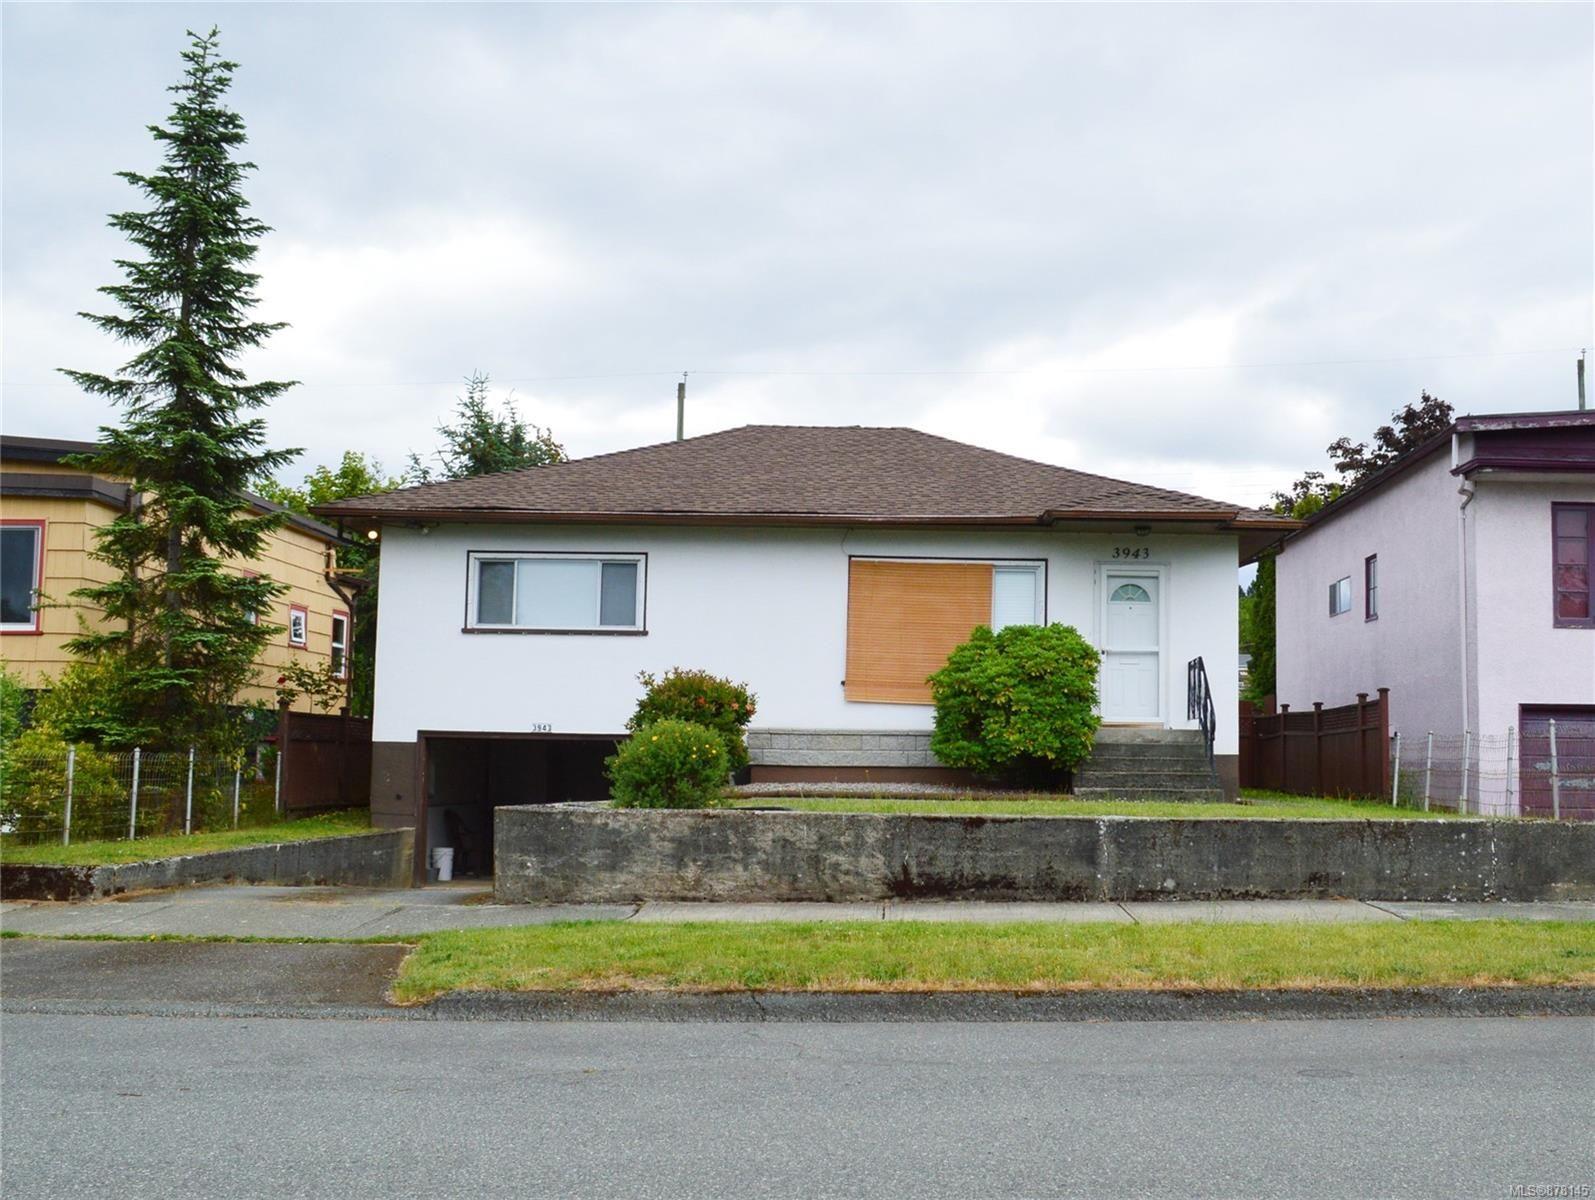 Main Photo: 3943 Anderson Ave in : PA Port Alberni House for sale (Port Alberni)  : MLS®# 878145